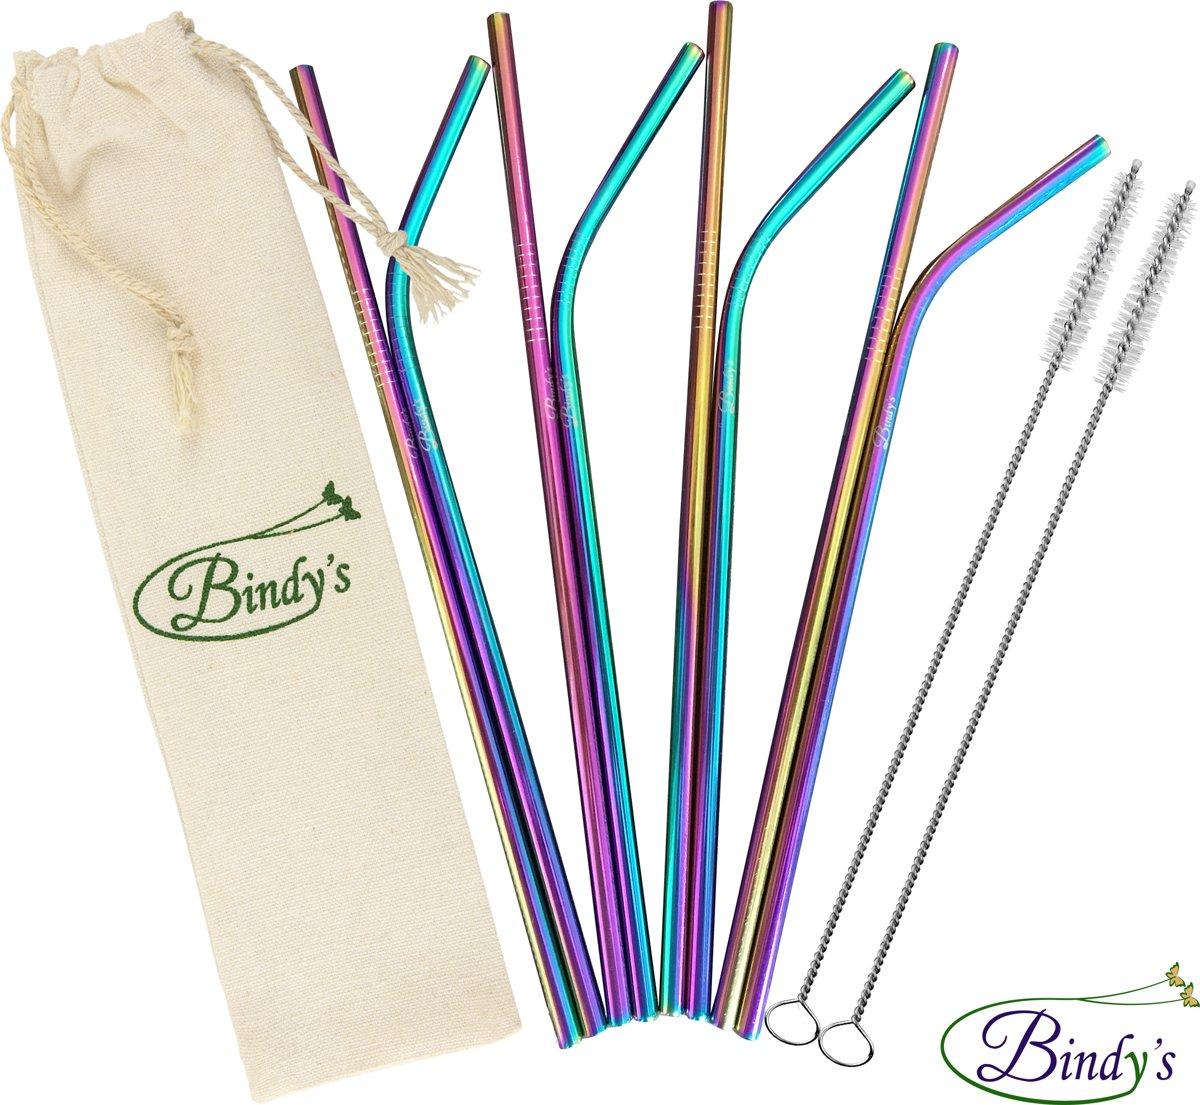 Bindy's Gekleurde rvs/metalen rietjes - Herbruikbare set van 8 gekleurde RVS rietjes, lengte 21,5 cm-Stijlvol, Functioneel en Duurzaam, Incl. 2 Schoonmaakborsteltjes en linnen bewaarzakje